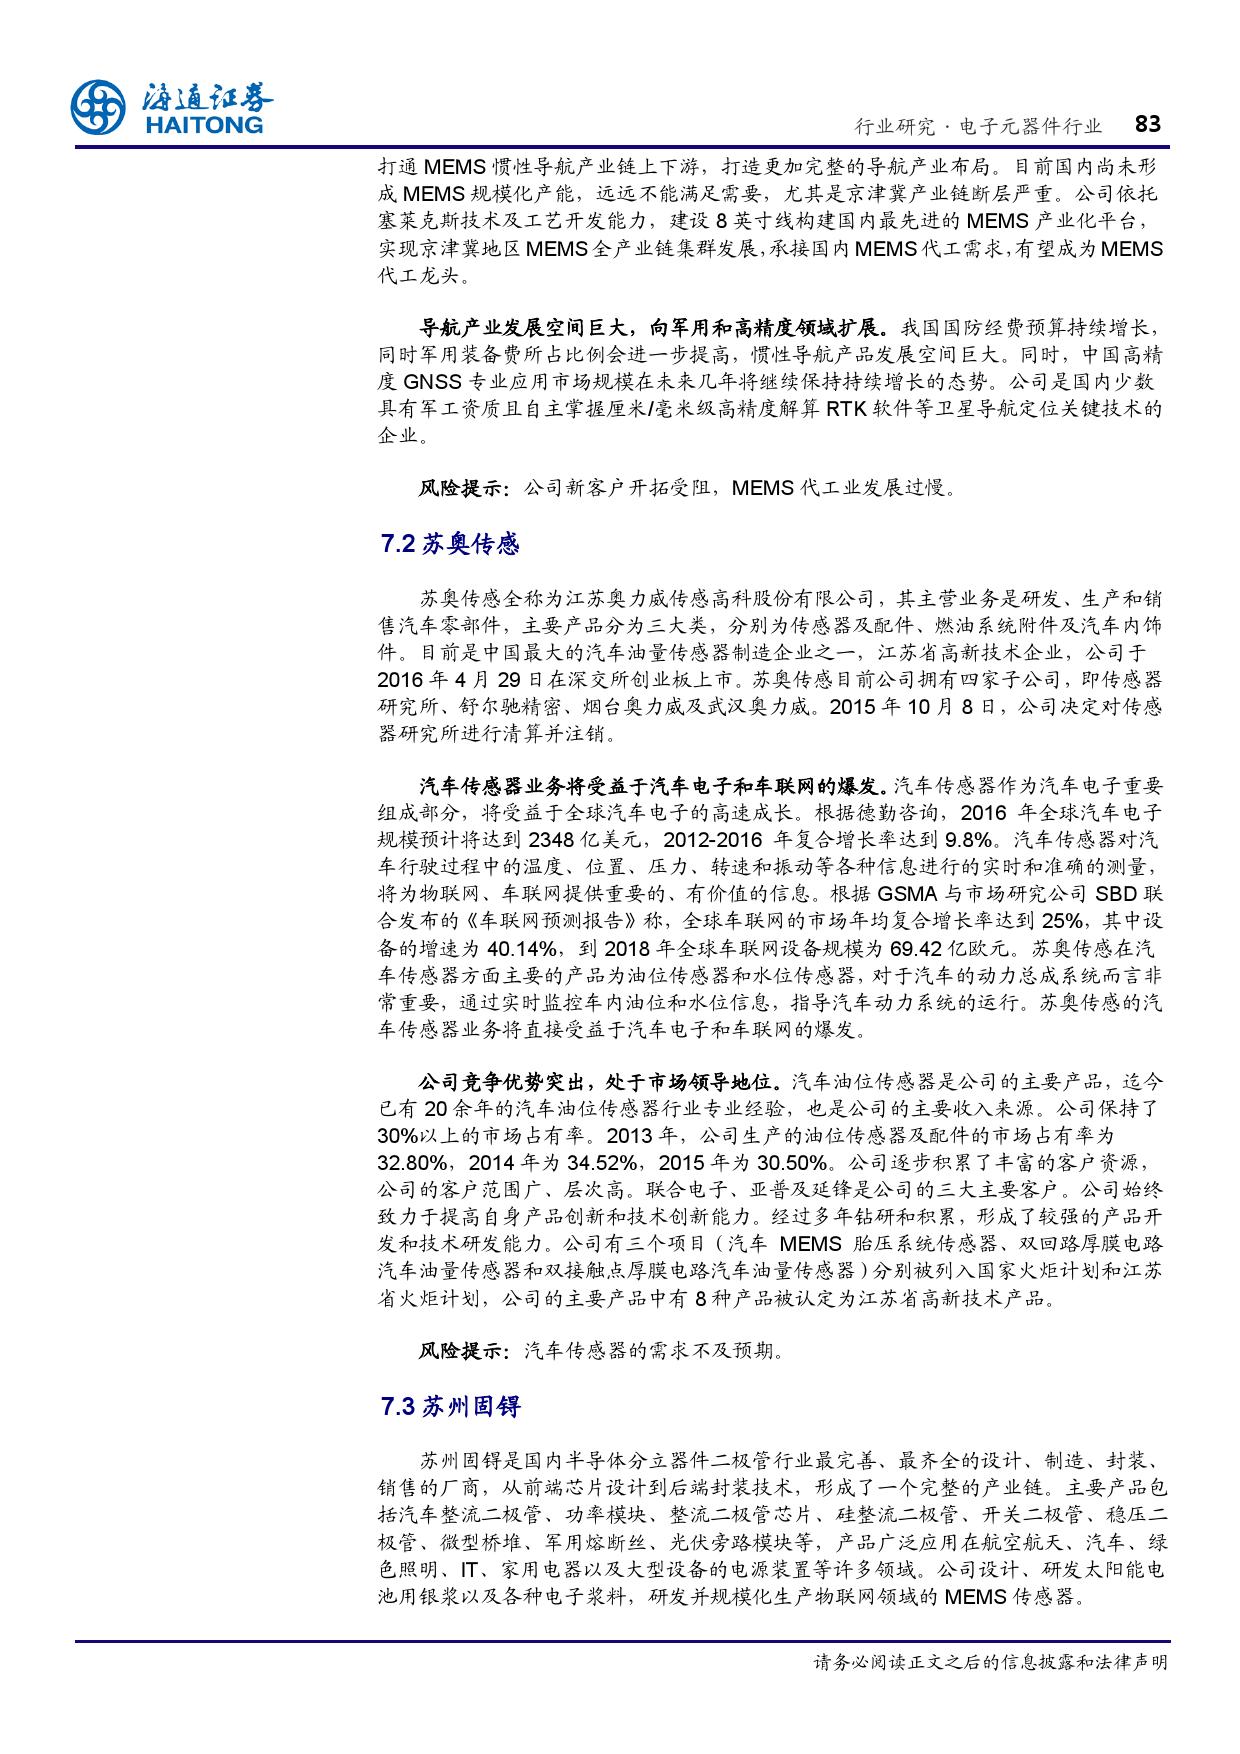 报告全解传感器全球产业链_000083